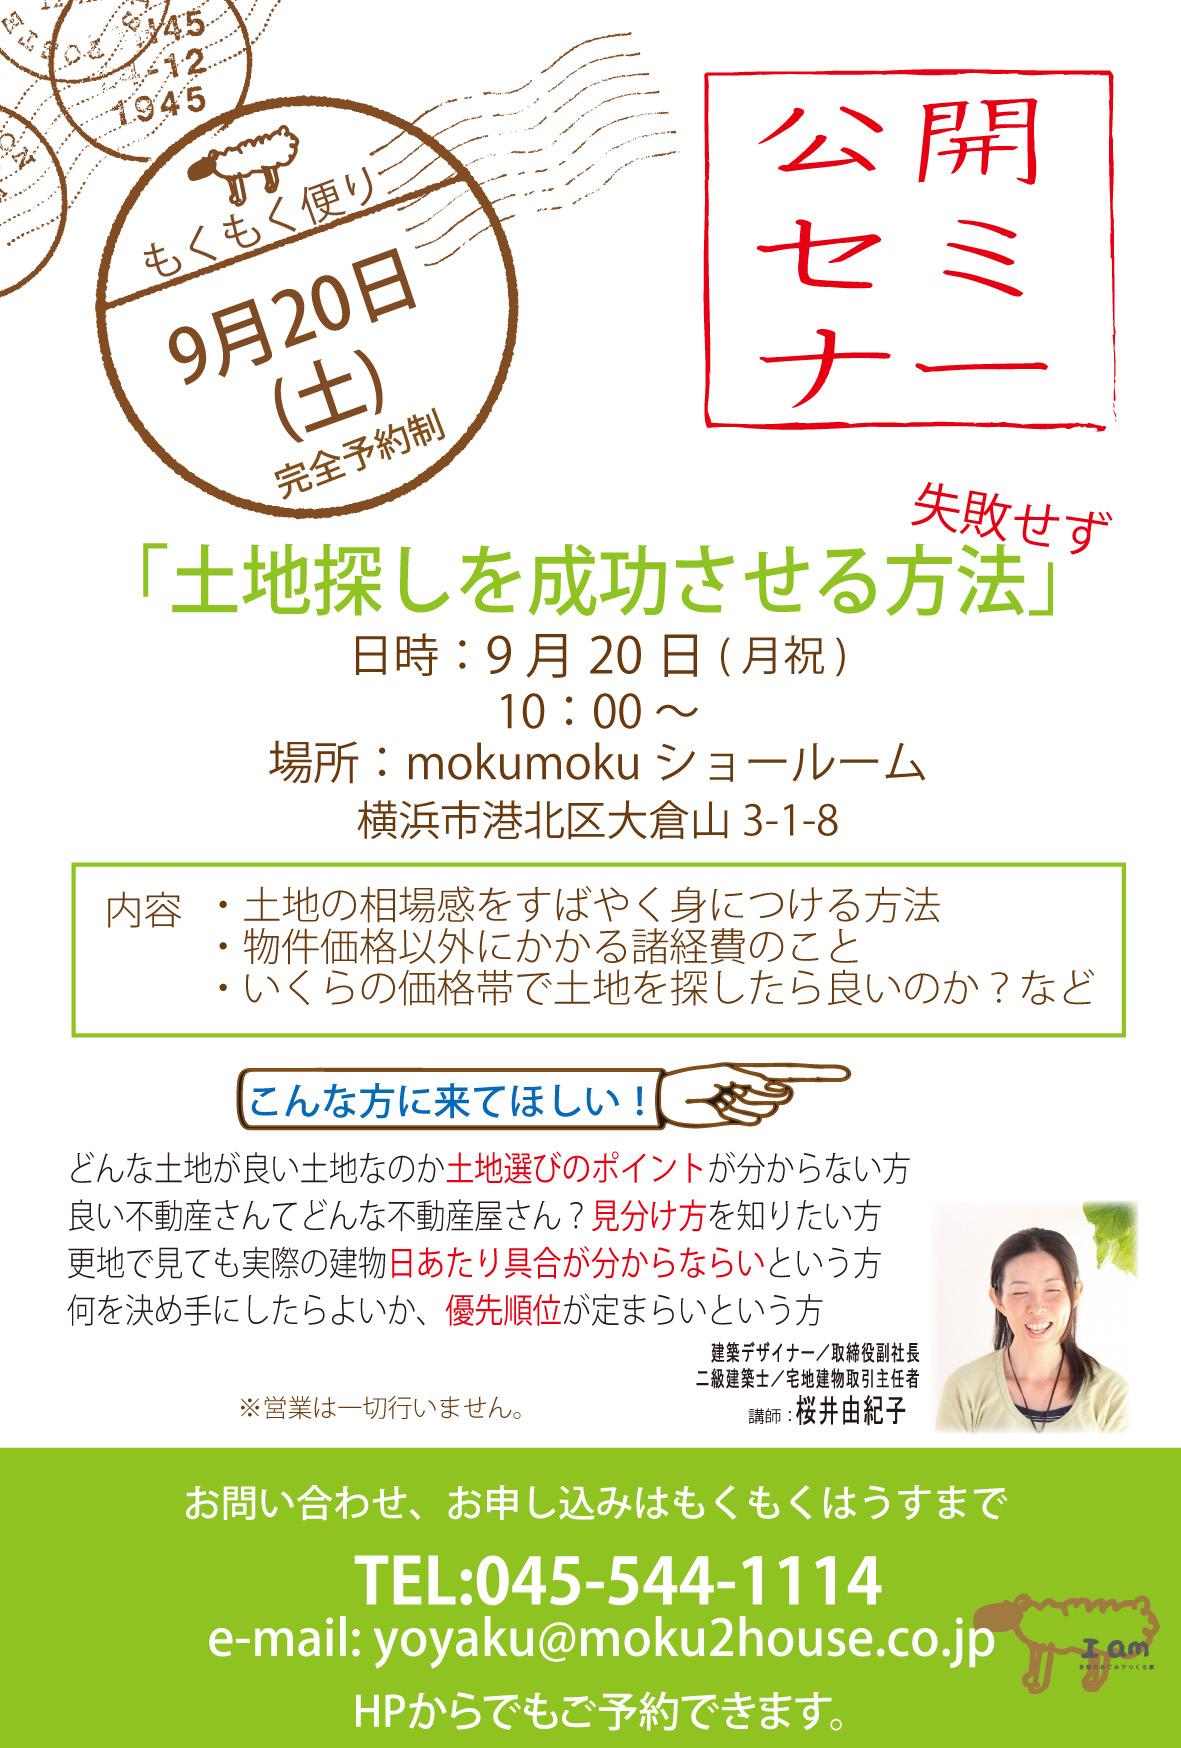 H26.09.20(土)土地探しセミナー